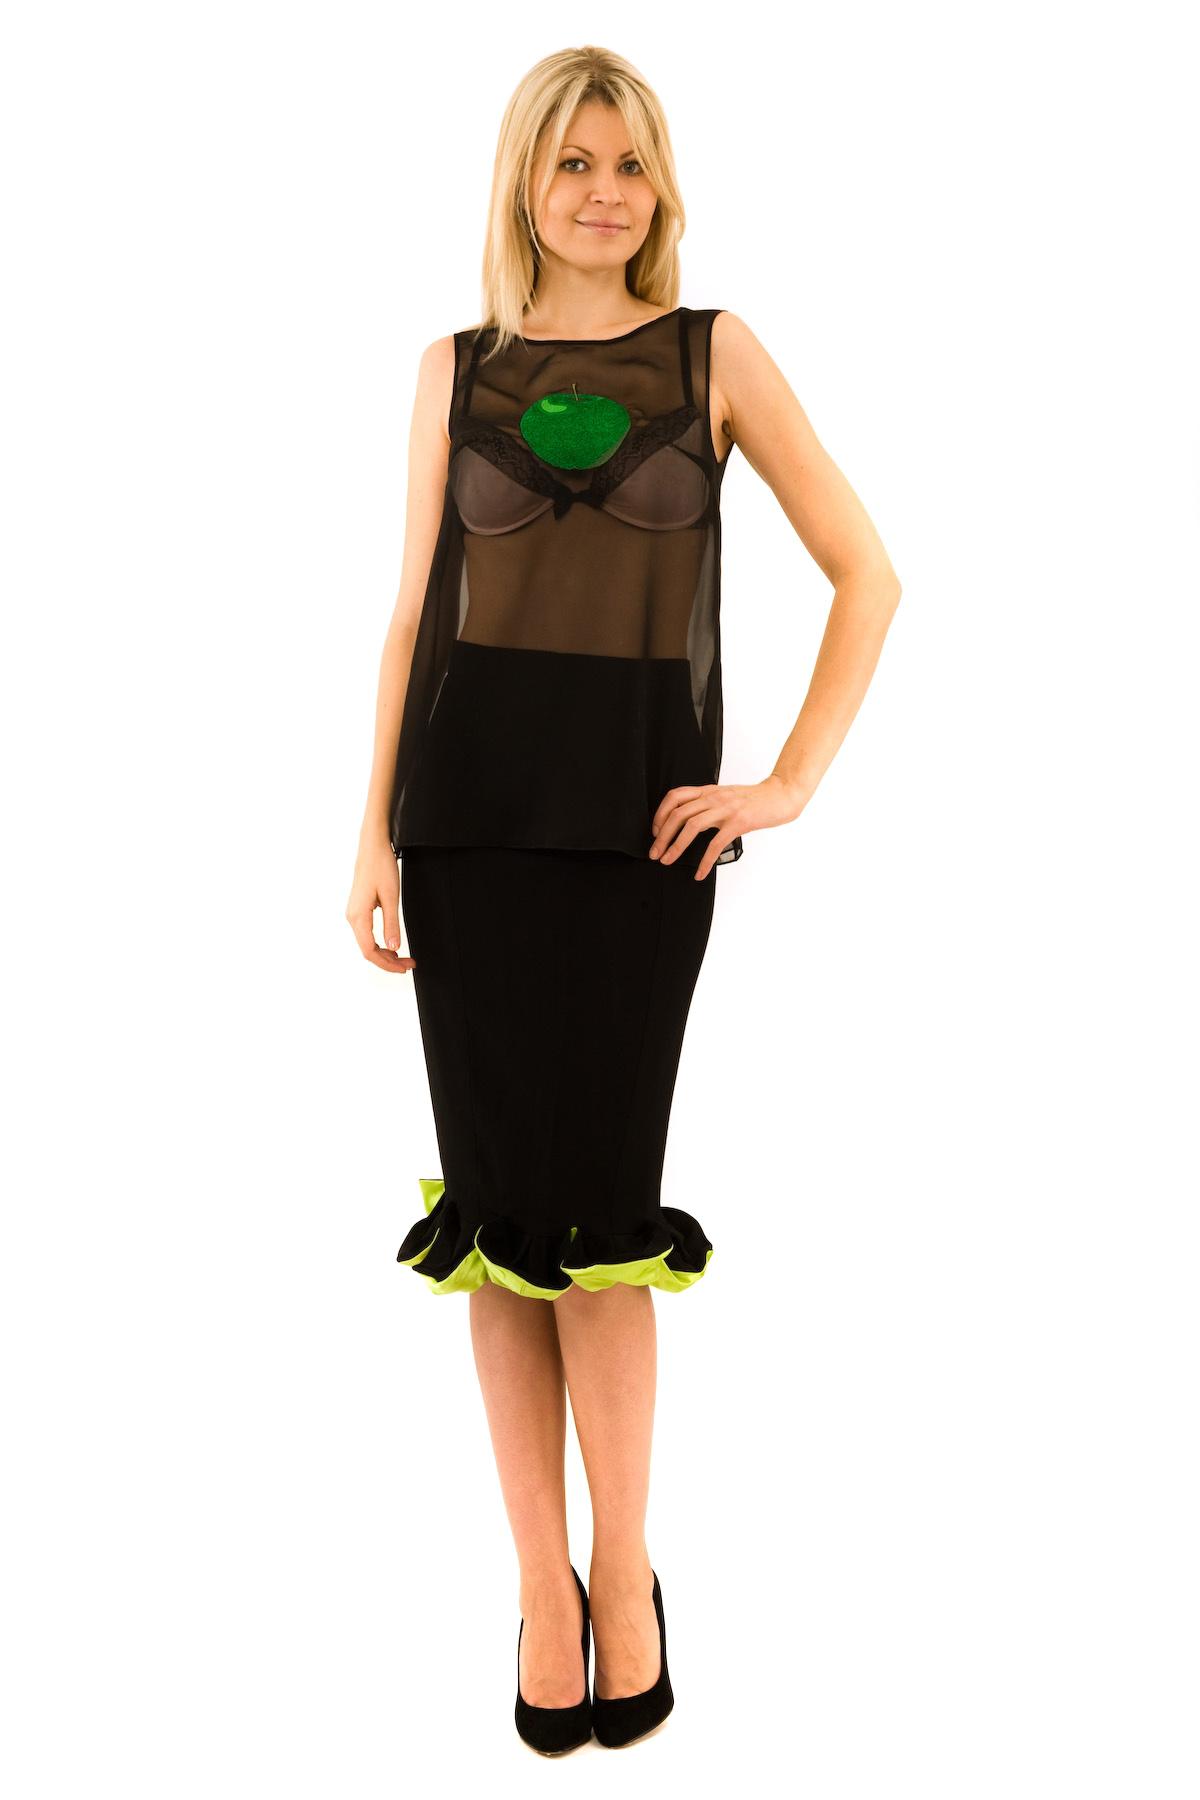 БлузаЖенские блузки<br>Эффектная блузка Doctor E оригинального дизайна привлечет к Вам всеобщее внимание и подчеркнет Ваш оригинальный вкус. Модель выполнена из полупрозрачного материала и оформлена стильной вышивкой. Изделие будет удачно гармонировать с любыми предметами гард<br><br>Цвет: черный<br>Состав: 100% полиэстер<br>Размер: 42,44,48<br>Страна дизайна: Россия<br>Страна производства: Россия